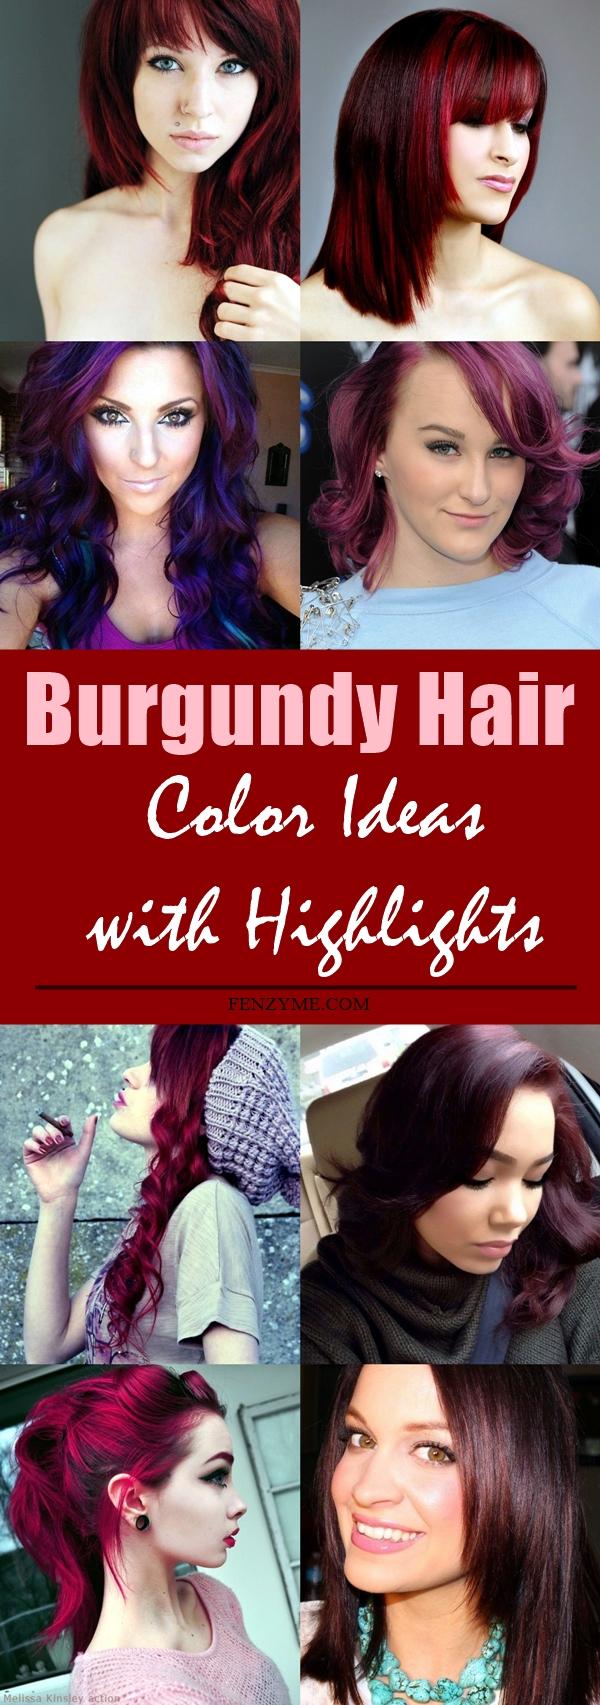 burgundy-hair-color-ideas-with-highlights-6-tile